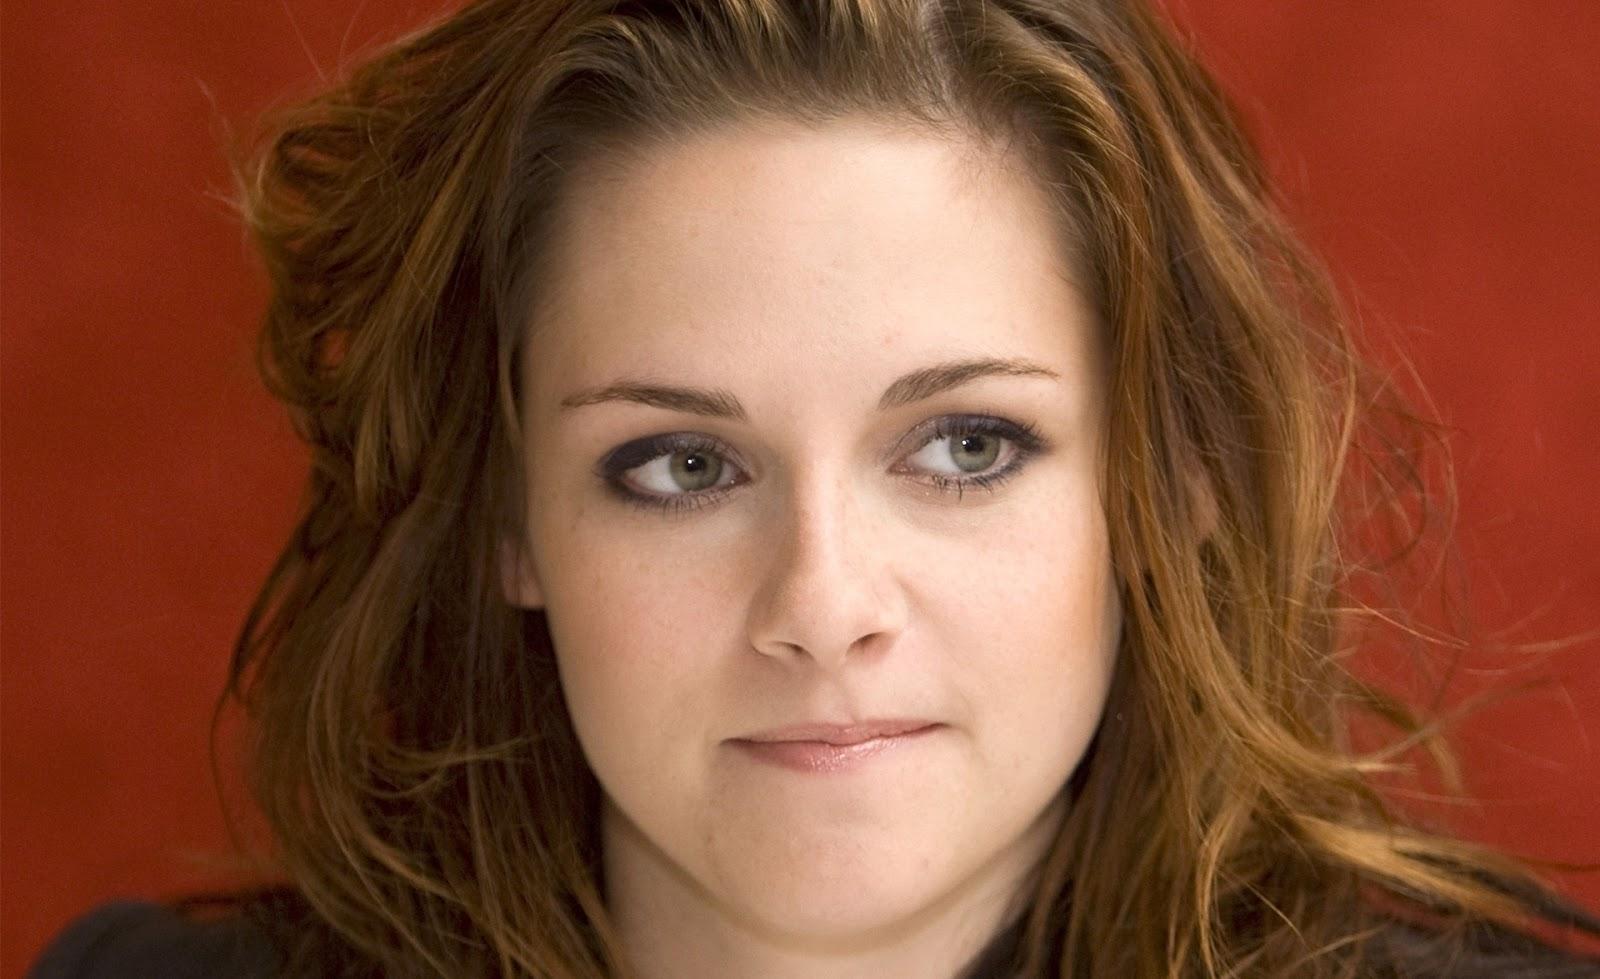 http://3.bp.blogspot.com/-rEhbYd6_3nw/TvSNsWm3hsI/AAAAAAAABqA/emWzjWDN3yk/s1600/Kristen+Stewart+%25286%2529.jpg